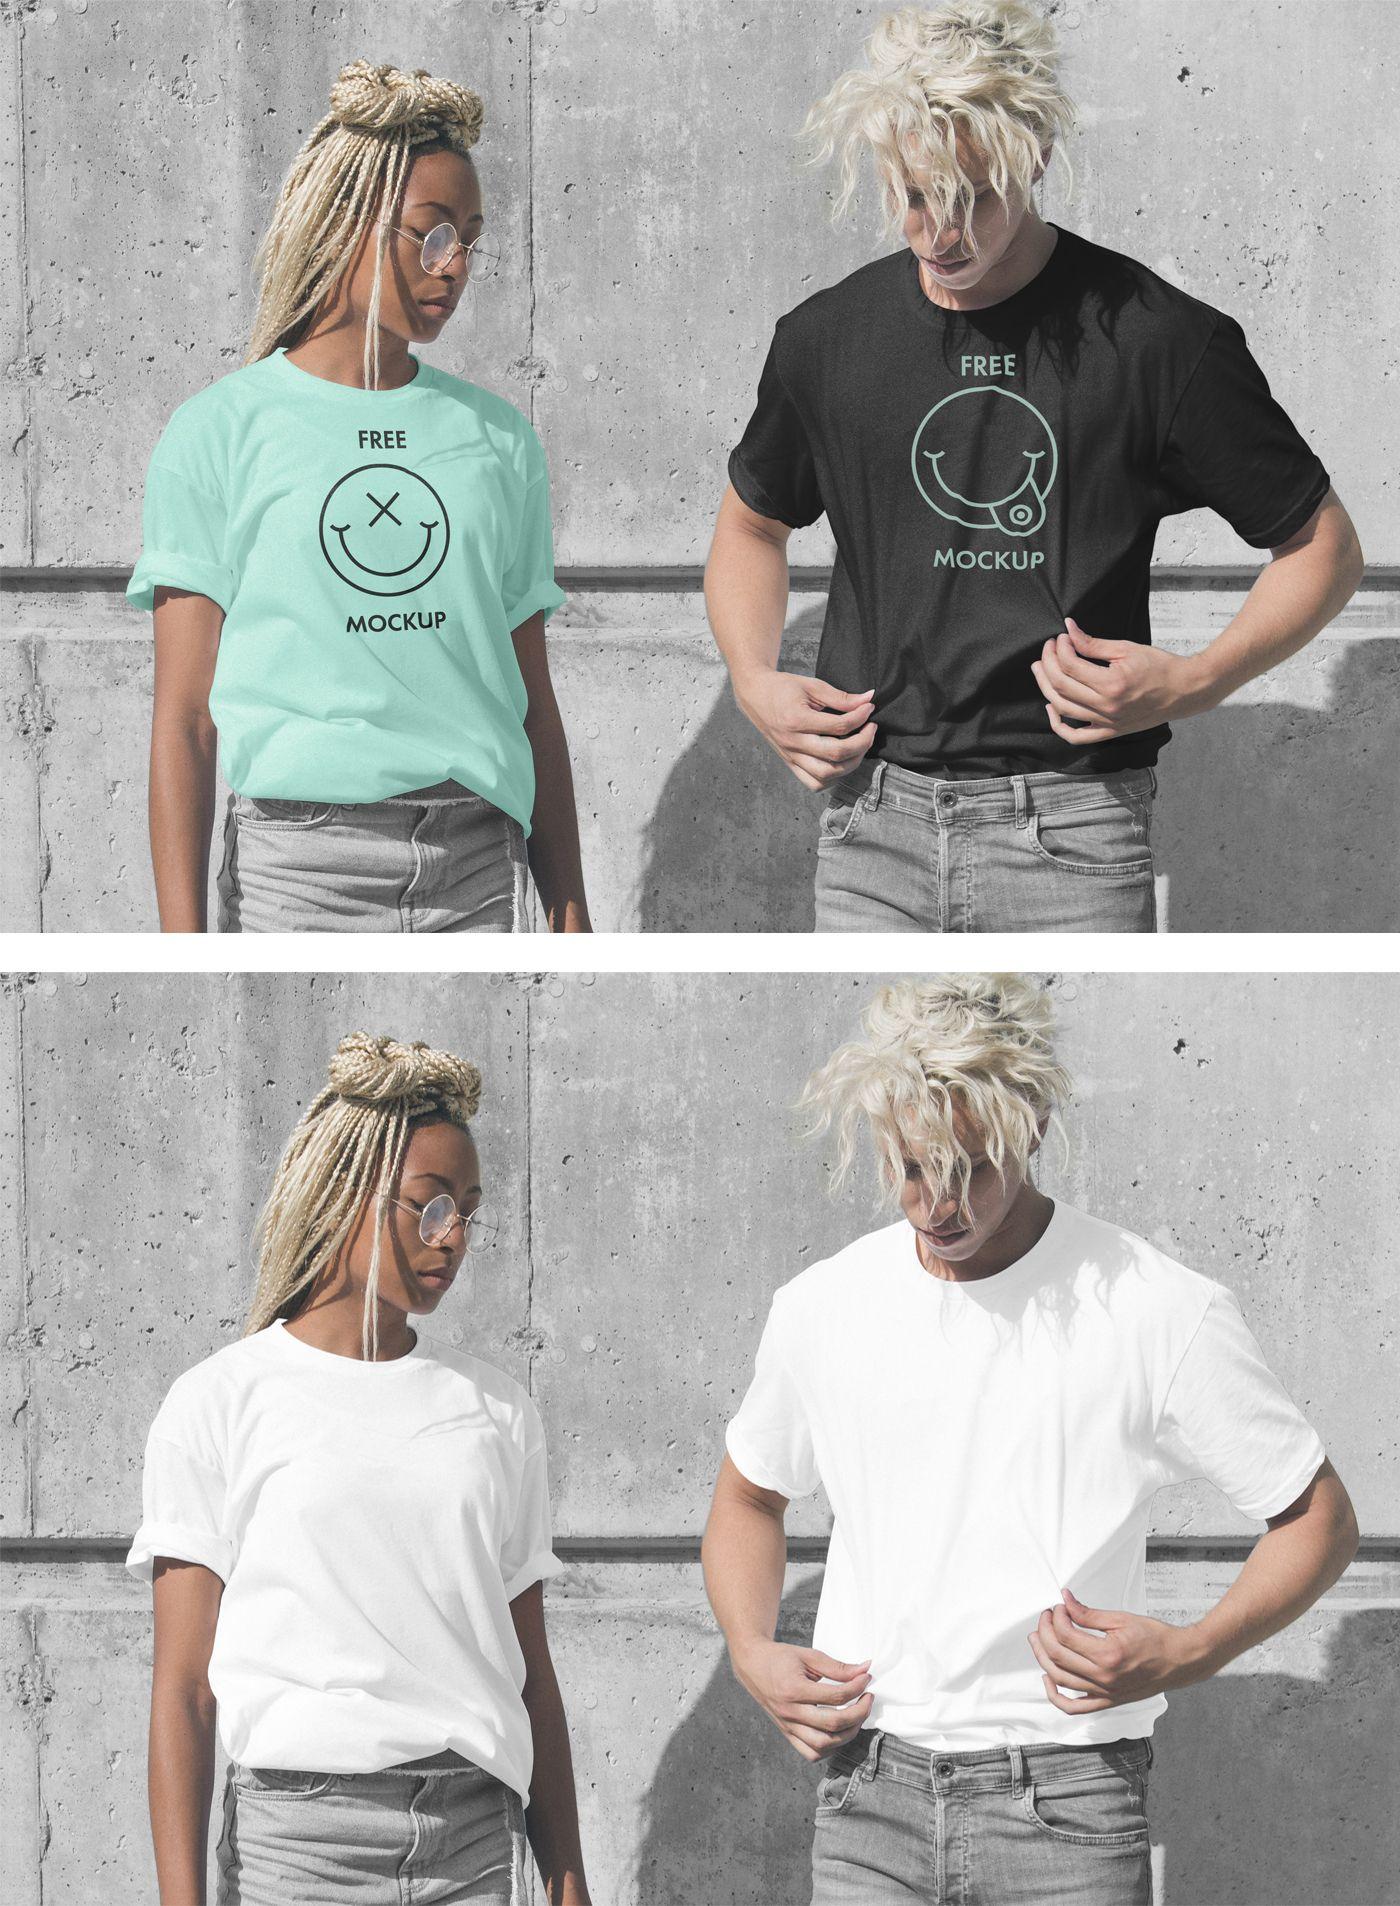 Download T Shirts Psd Mockup Shirt Mockup Graphic Design Freebies Tshirt Mockup Free